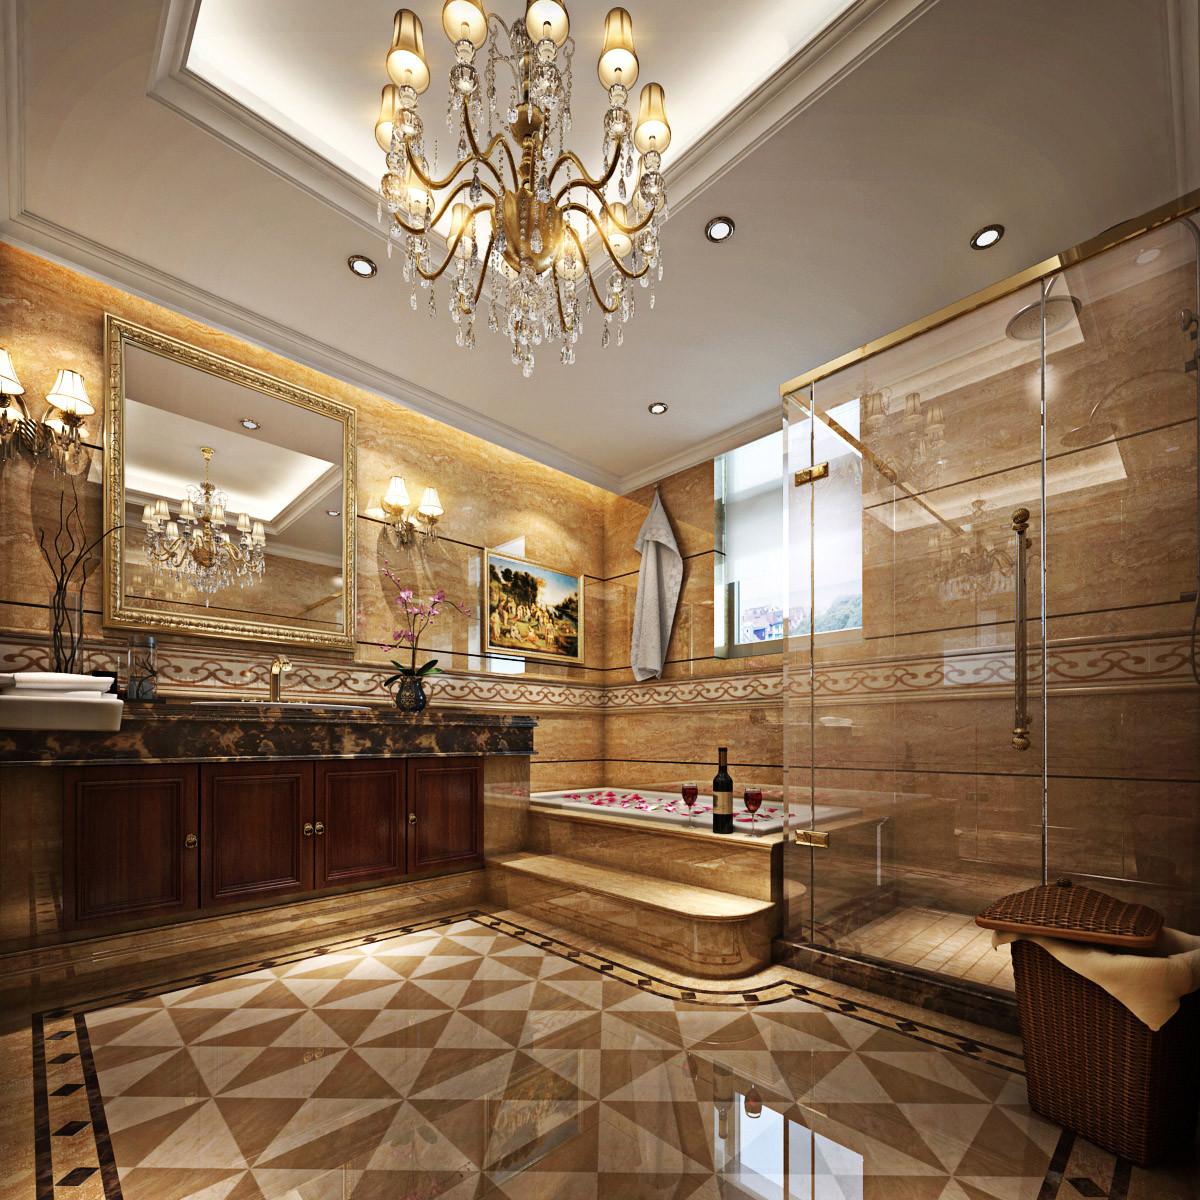 保利叶语别墅装修美式混搭风格设计方案展示,上海腾龙别墅设计师任